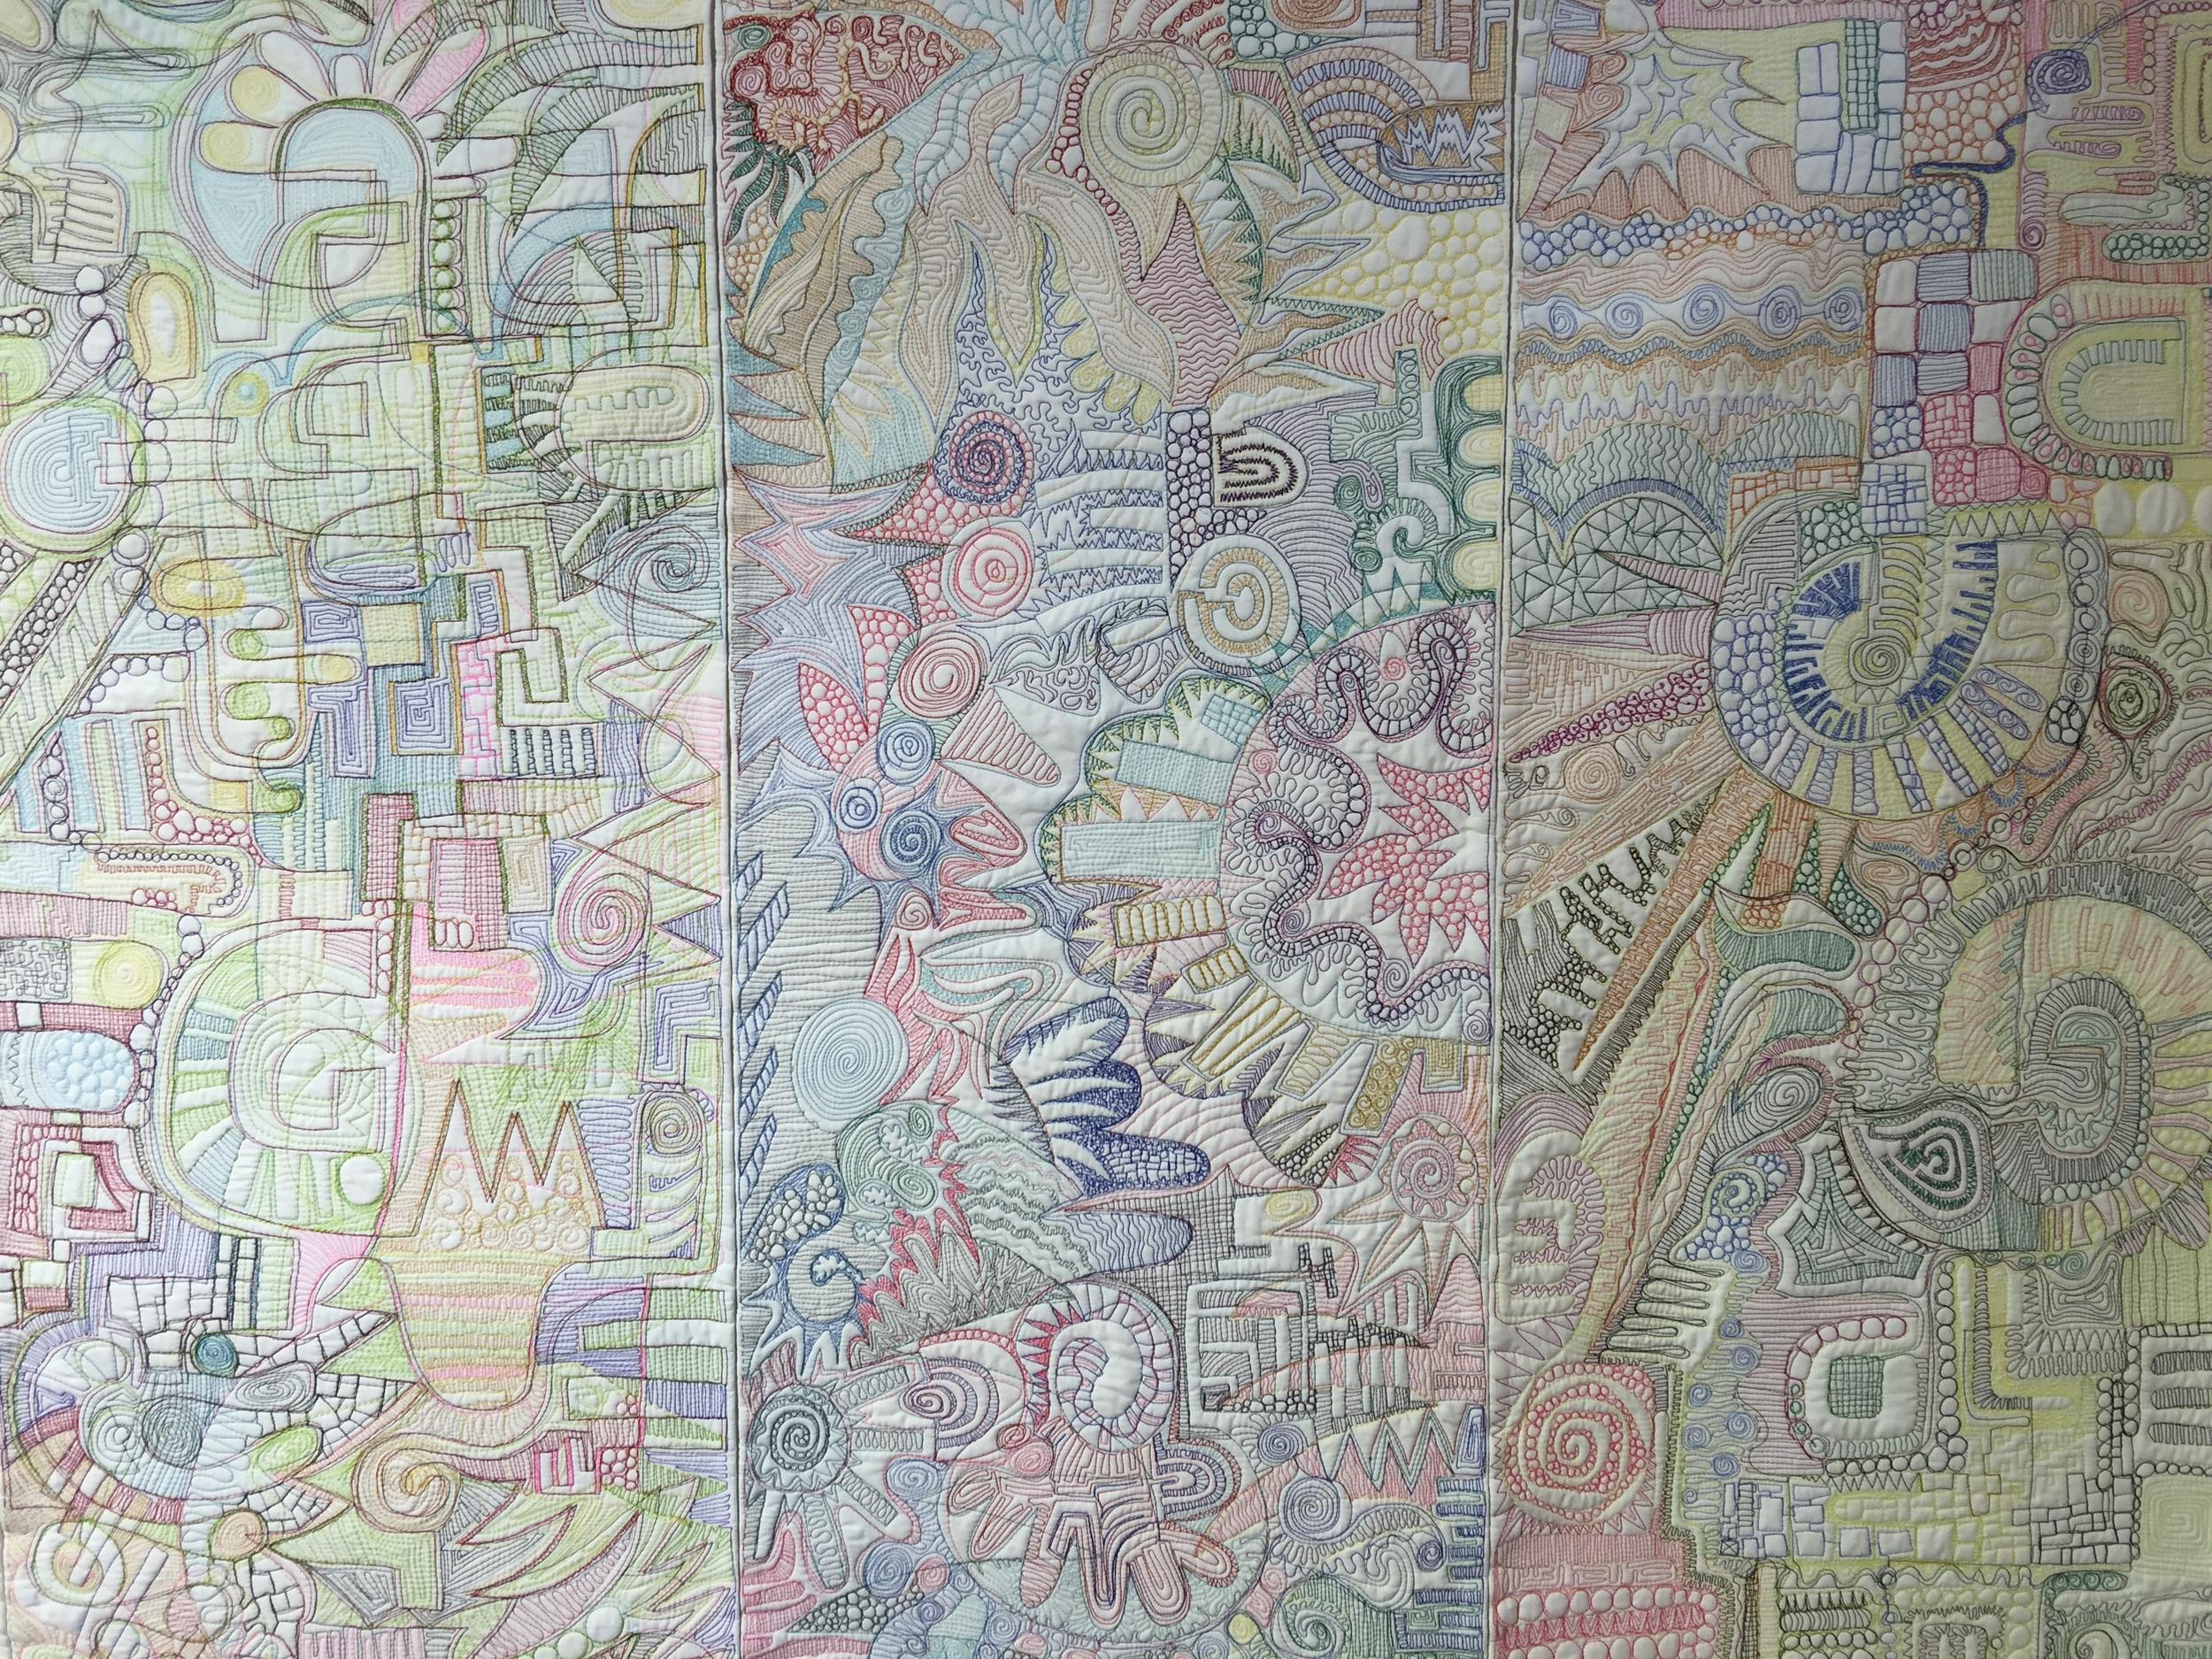 Cecile Trentini's Circonvolutions Series